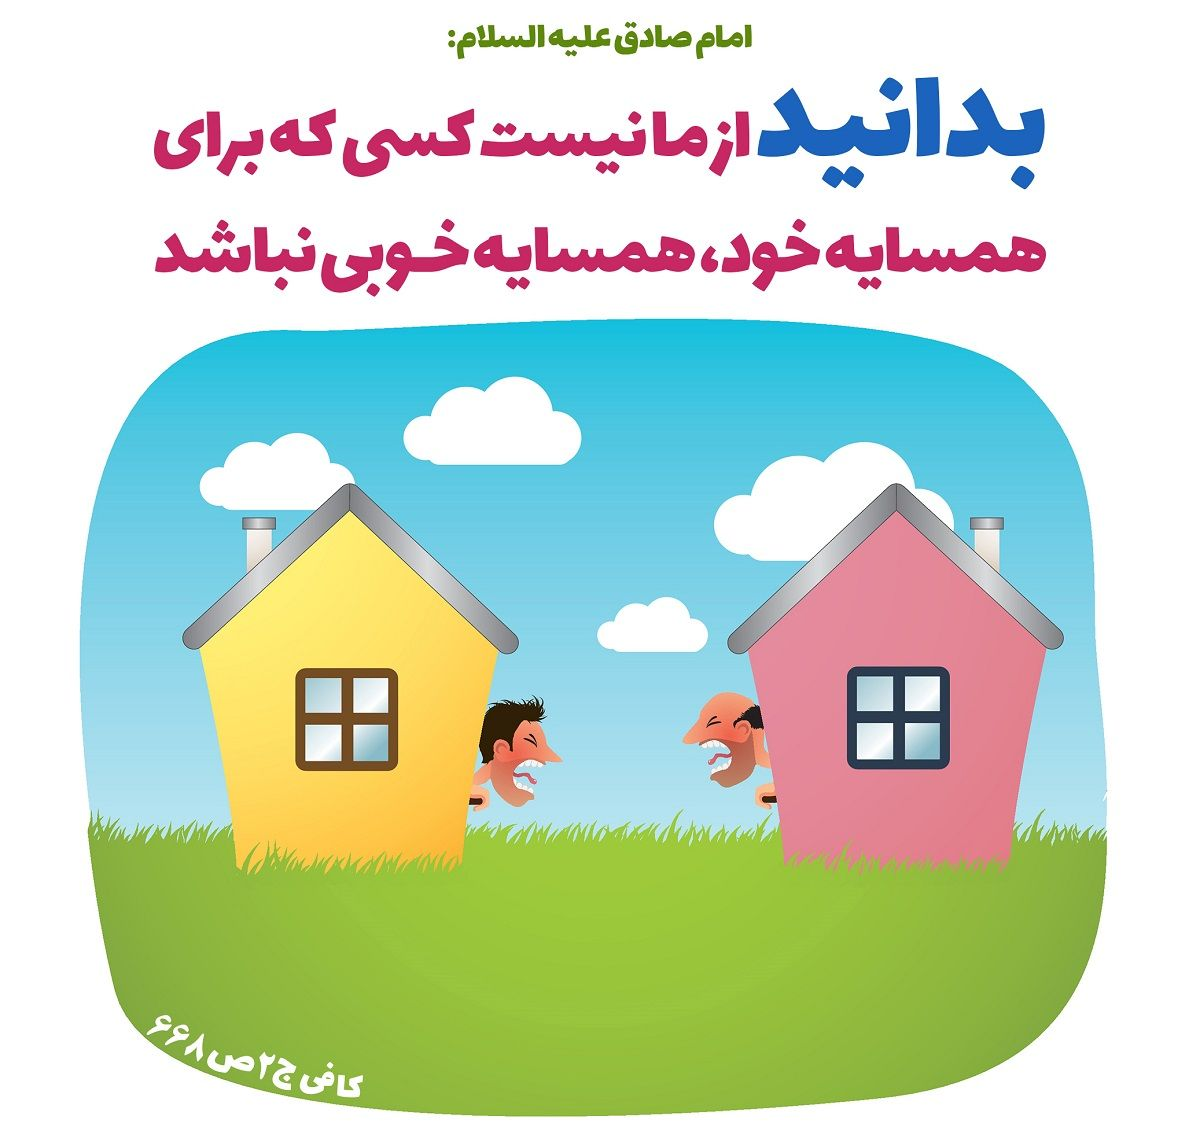 دیدگاه-اسلام-درباره-حقوق-همسایه